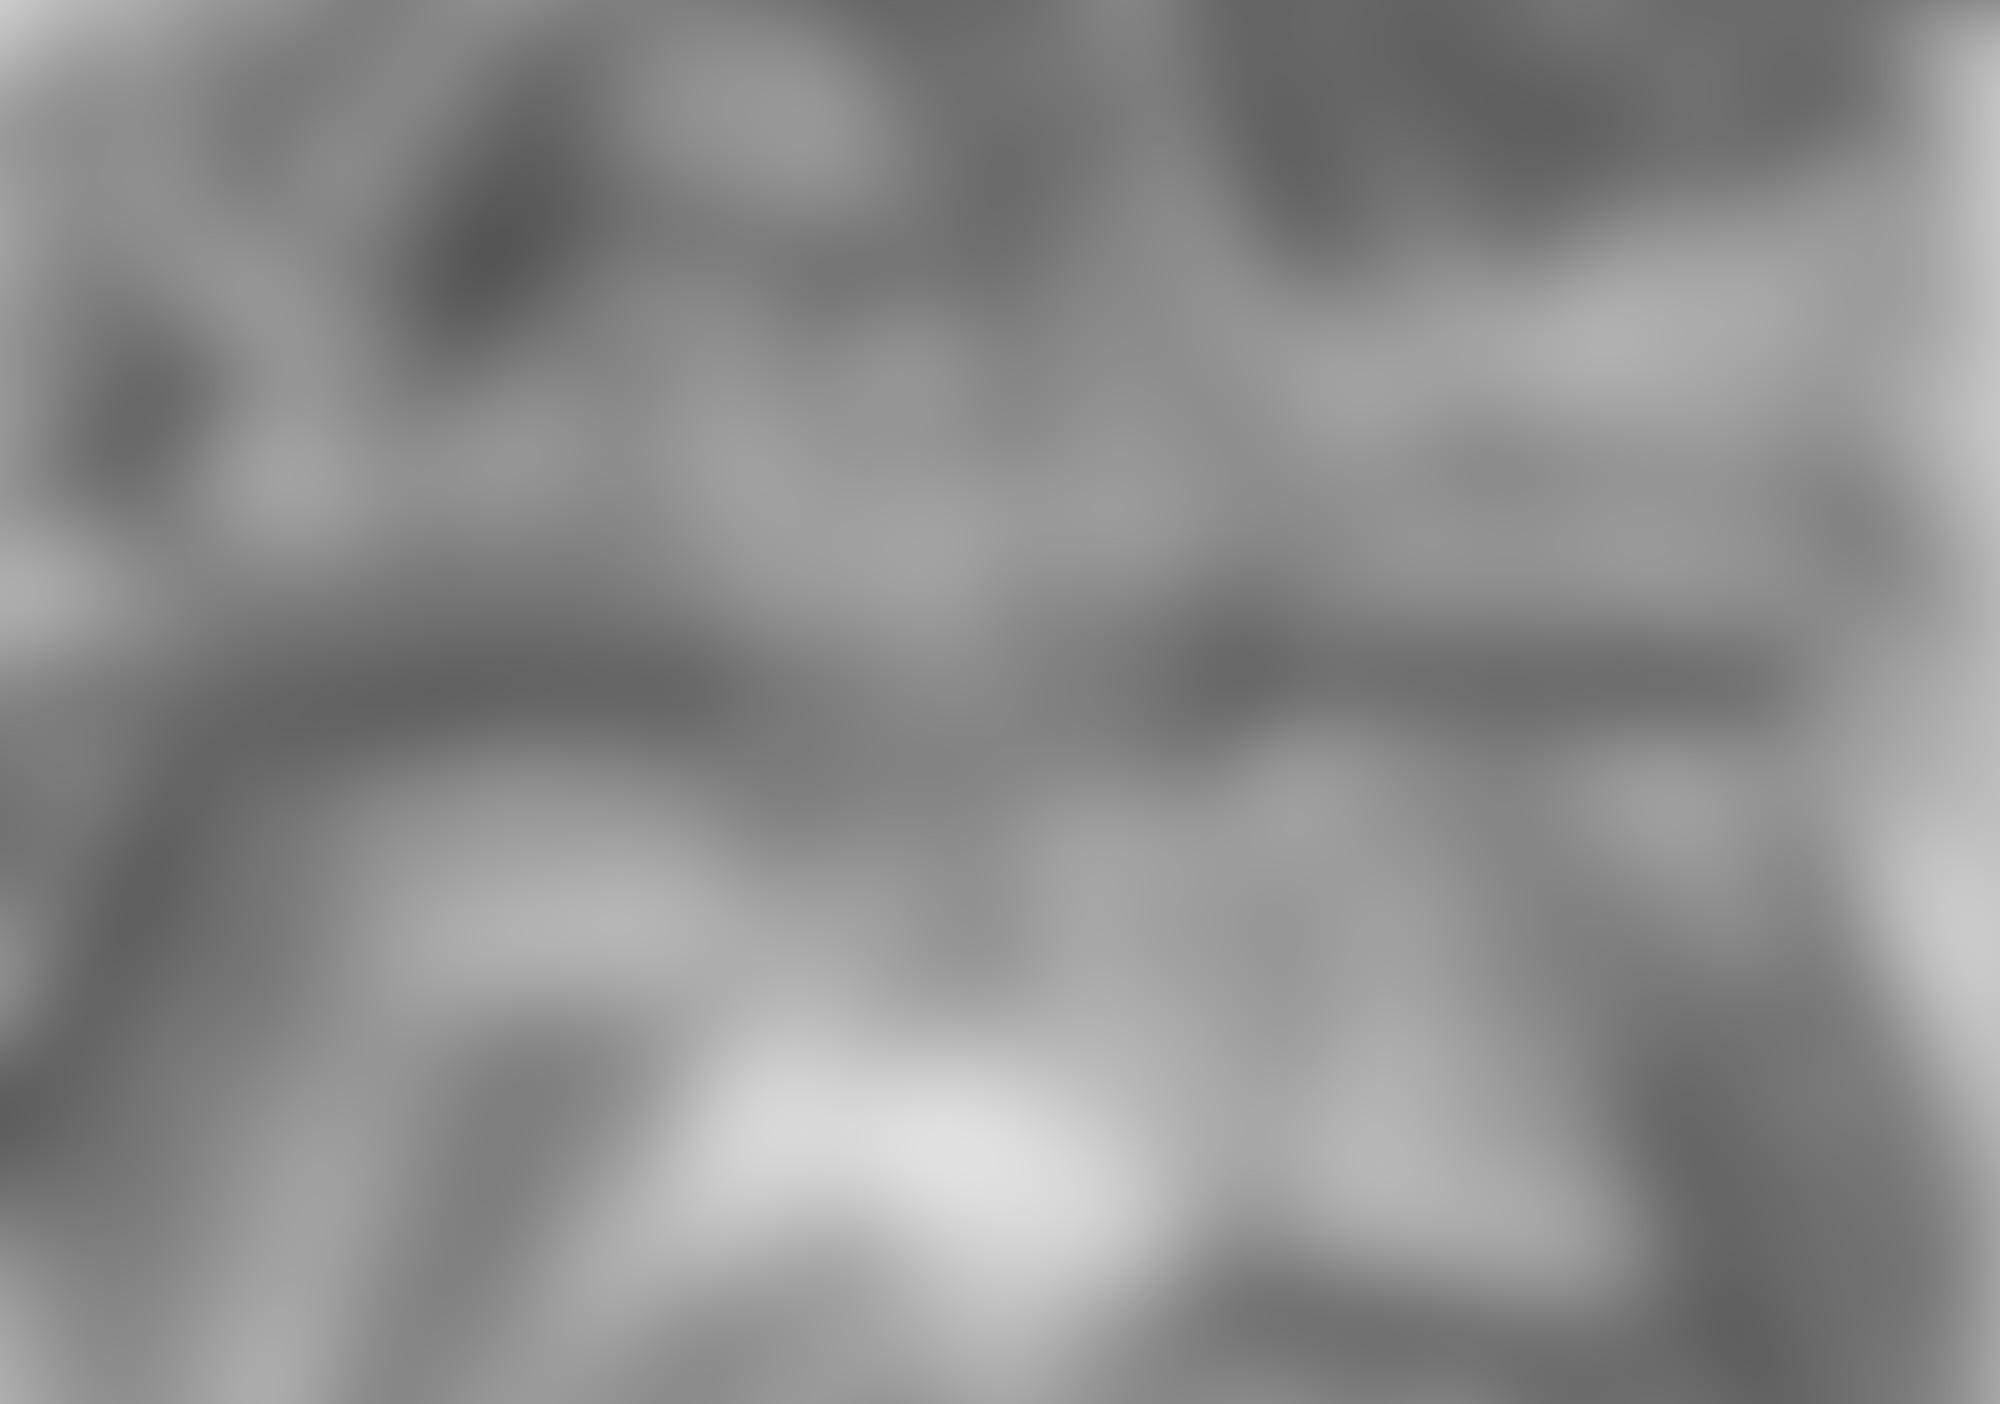 2097 Sketch09 autocompressfitresizeixlibphp 1 1 0max h2000max w3 D2000q80s281a3b7985ed080c115a0be2406574a3